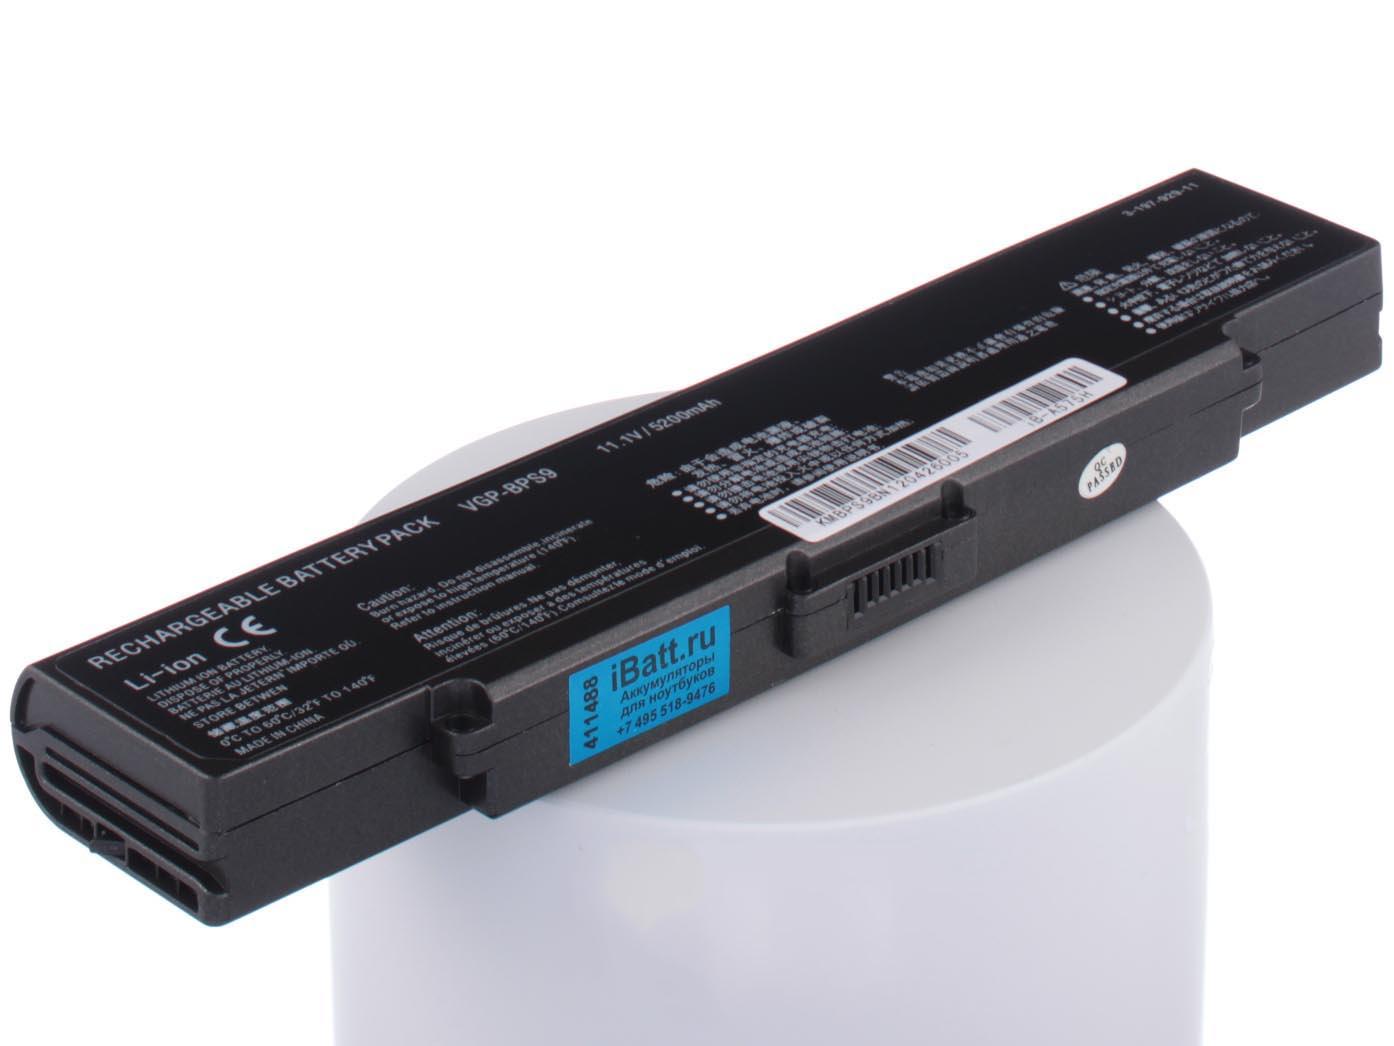 Аккумулятор для ноутбука iBatt Sony VGP-BPS9, VGP-BPS9A, VGP-BPL9 аксессуары для автозвука sony mp3 pcmcia vgp mca10 sd